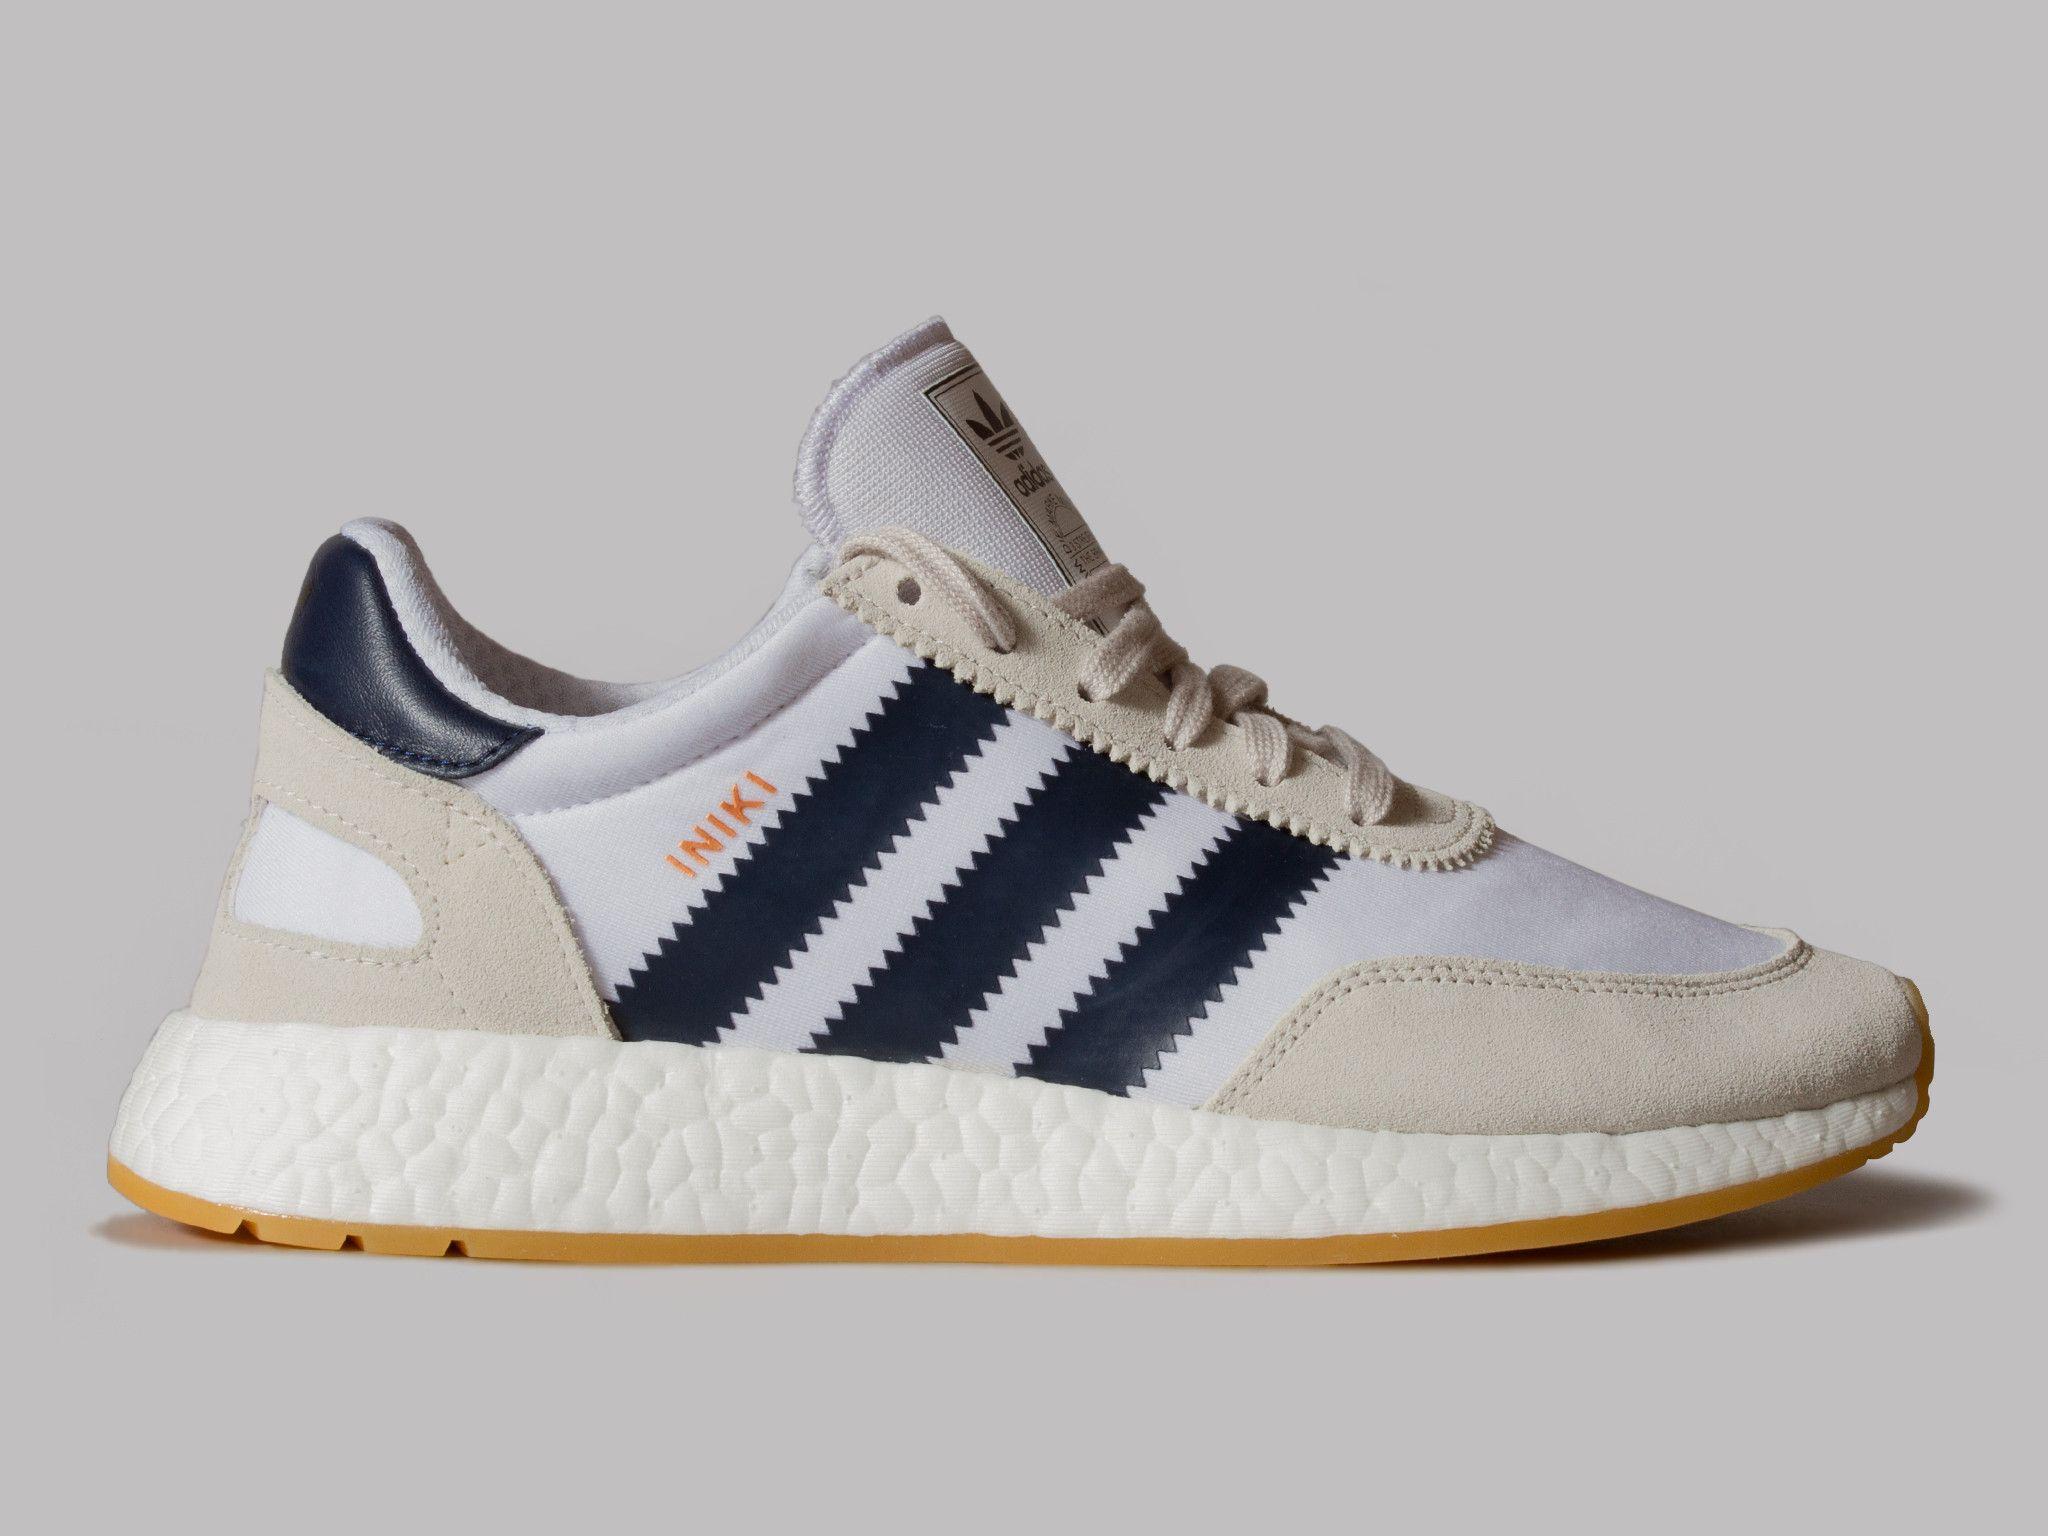 adidas Iniki Runner (White / Navy / Gum)